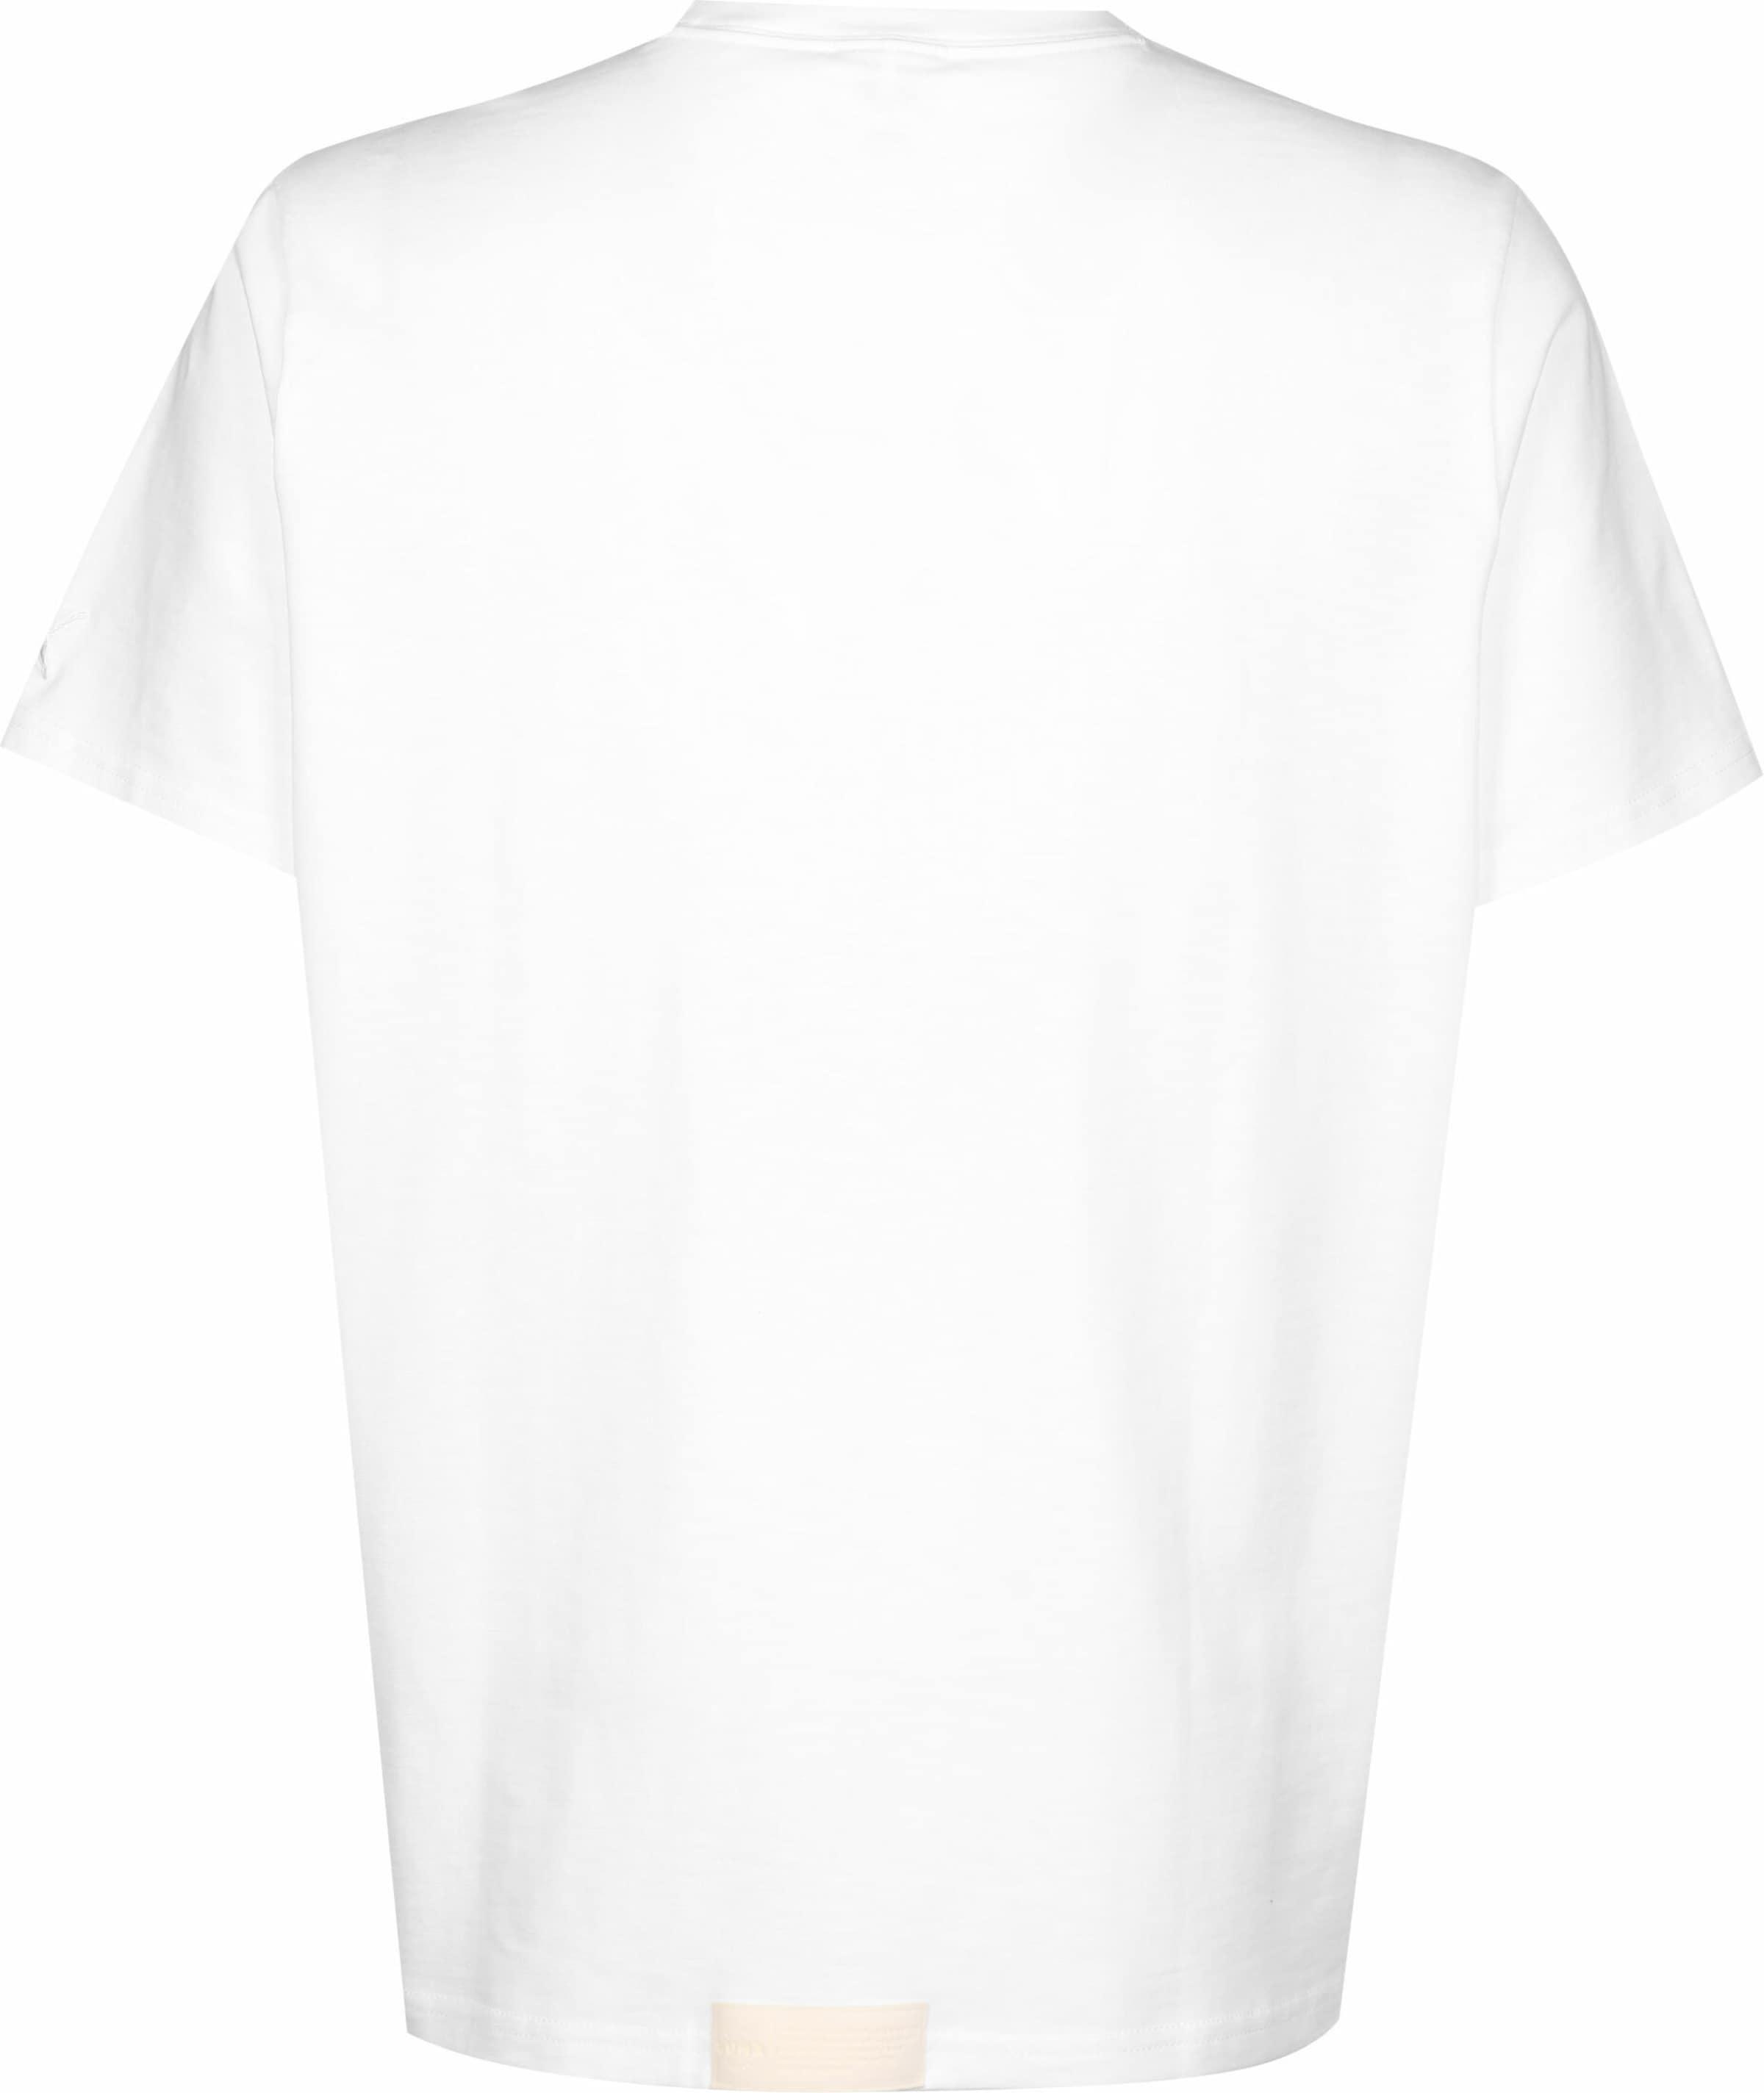 PUMA T-Shirt ' Pull up ' in weiß Baumwolle KT391093021